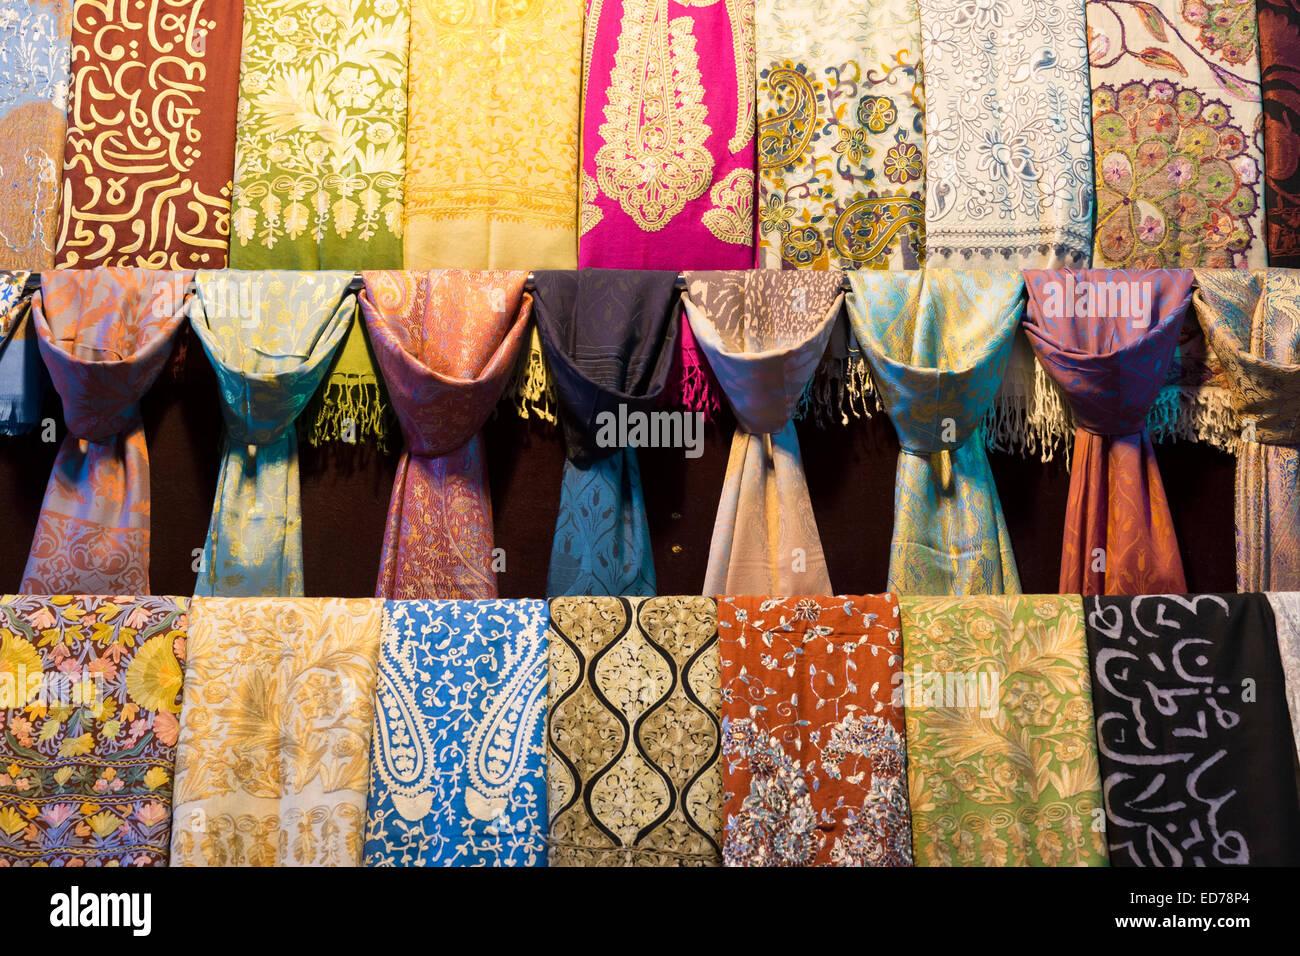 272e305f0458 Foulard en Soie - dessins cachemire, écharpes brodées dans le Grand Bazar,  Kapalicarsi,